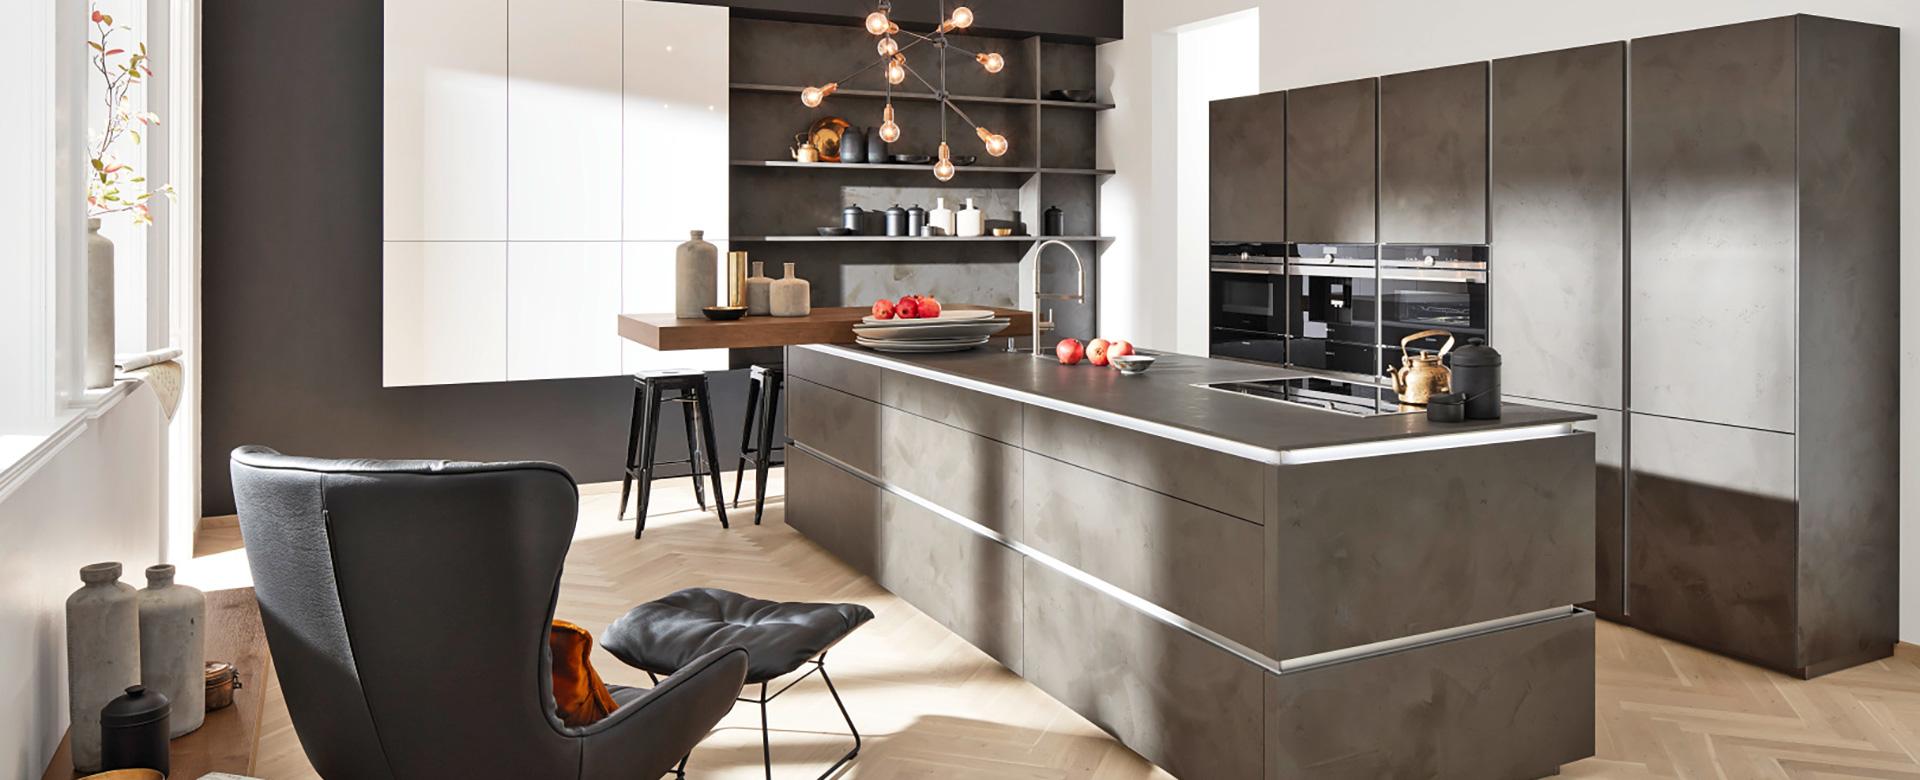 Möbel Und Küchen In Laubach Mayen Und Wittlich